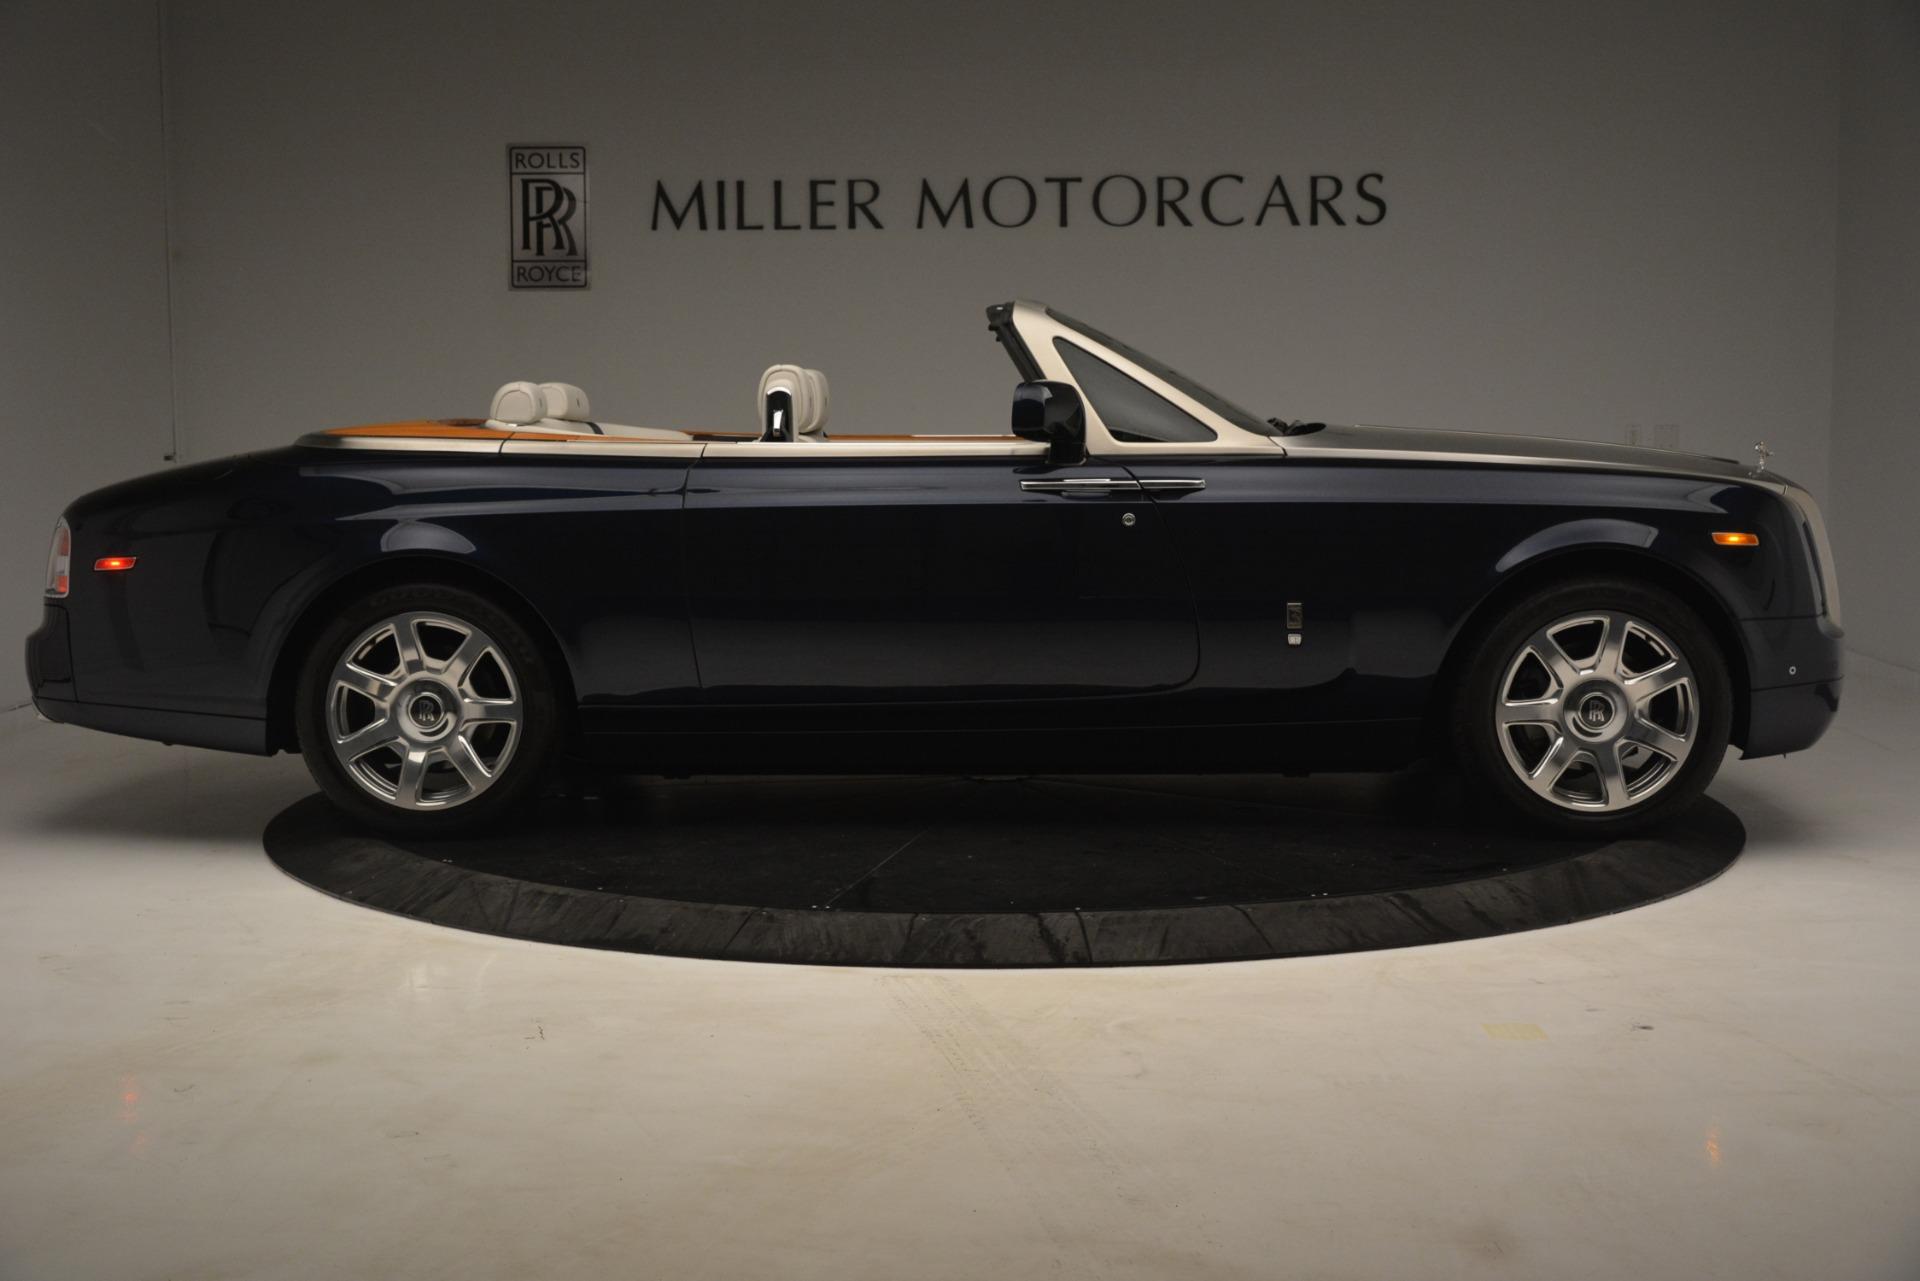 Used 2013 Rolls-Royce Phantom Drophead Coupe  For Sale In Westport, CT 2999_p12